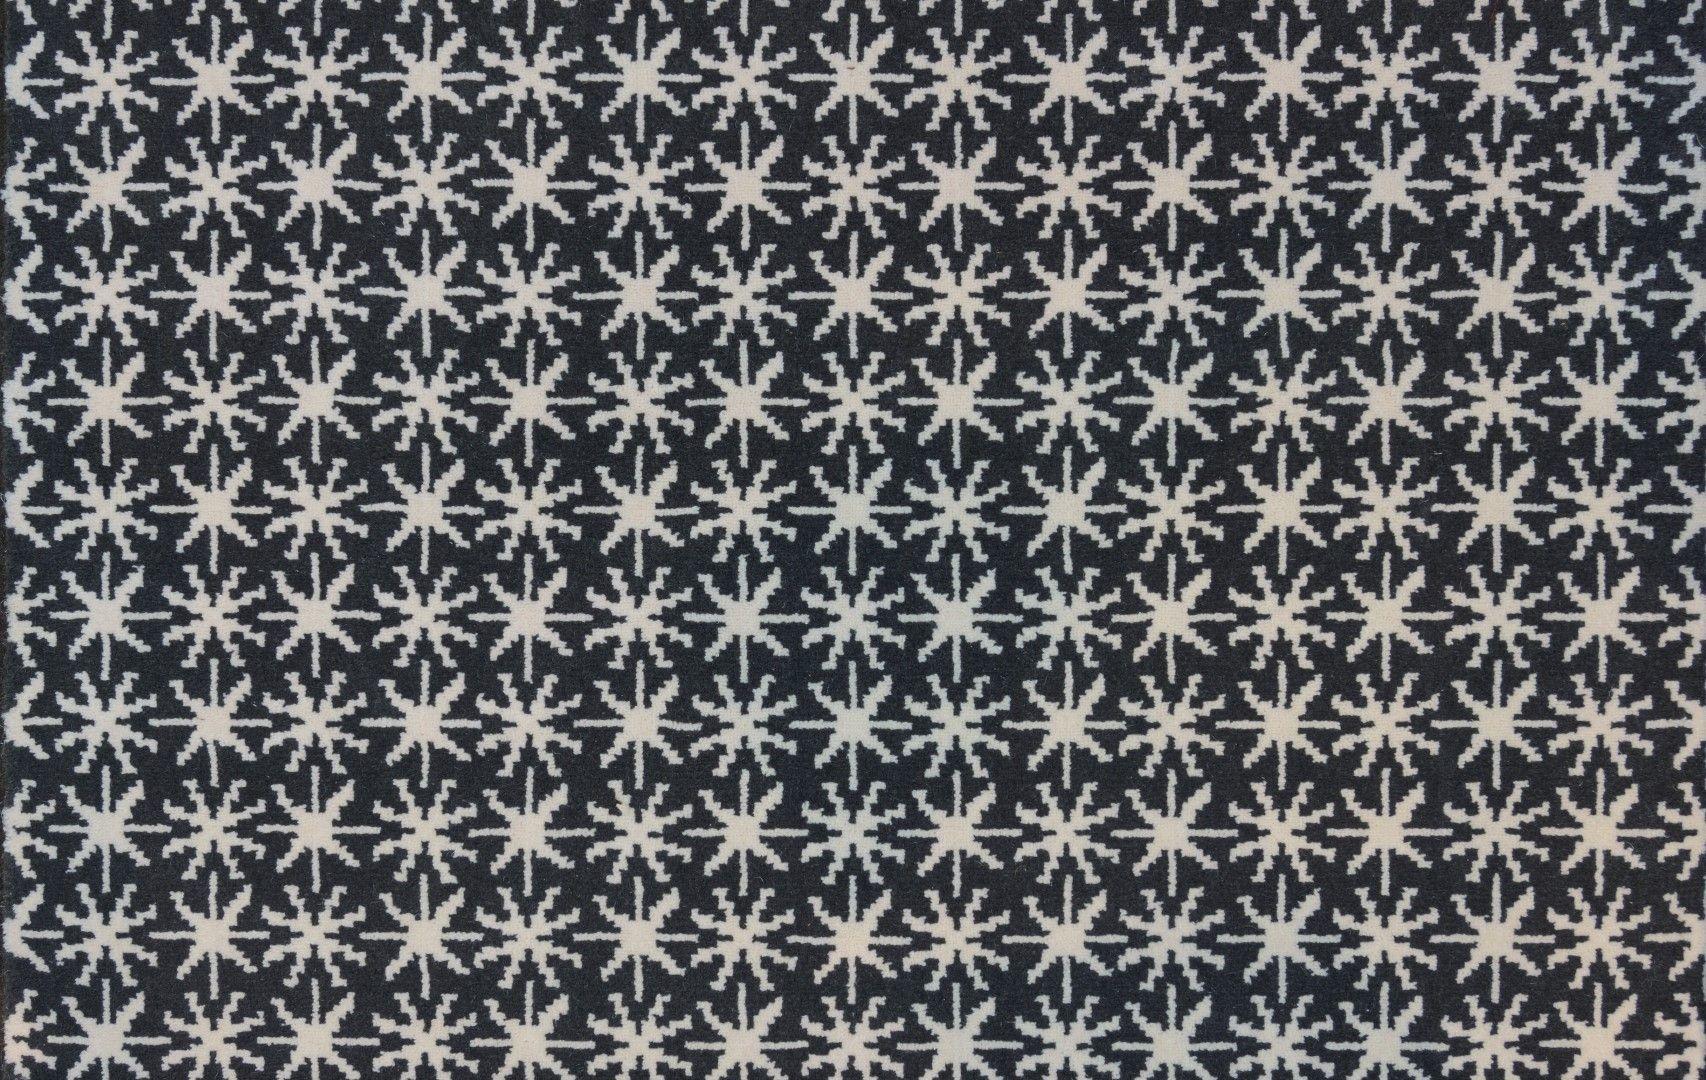 constellation collection de moquettes haut de gamme tisses 100 laine unies ou motifs modles ralisables en tapis vos dimensions ou moquettes murs - Moquette Haut De Gamme